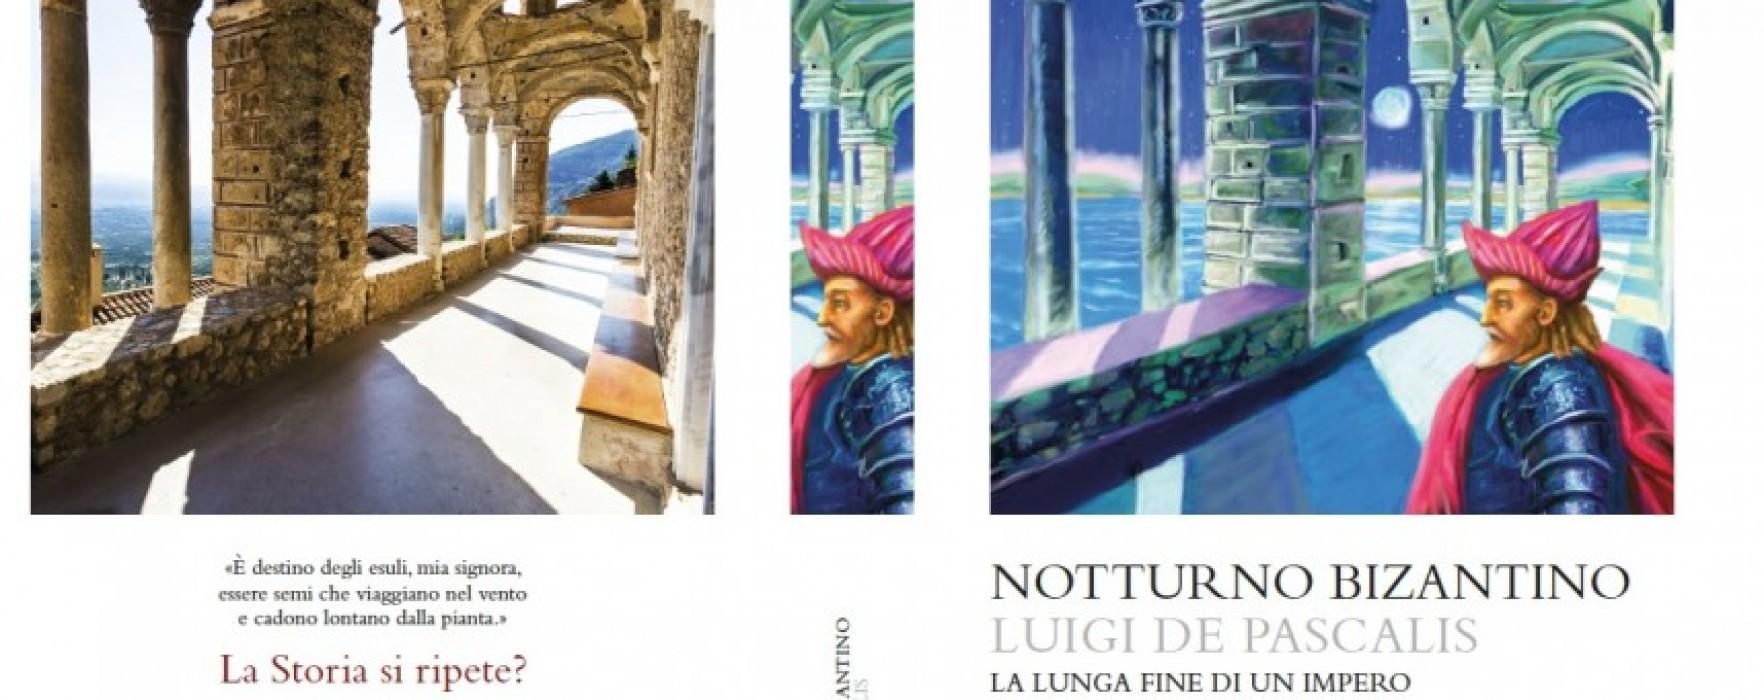 """""""Notturno bizantino"""" di Luigi De Pascalis. Occidente e Oriente, nemici ieri come oggi."""